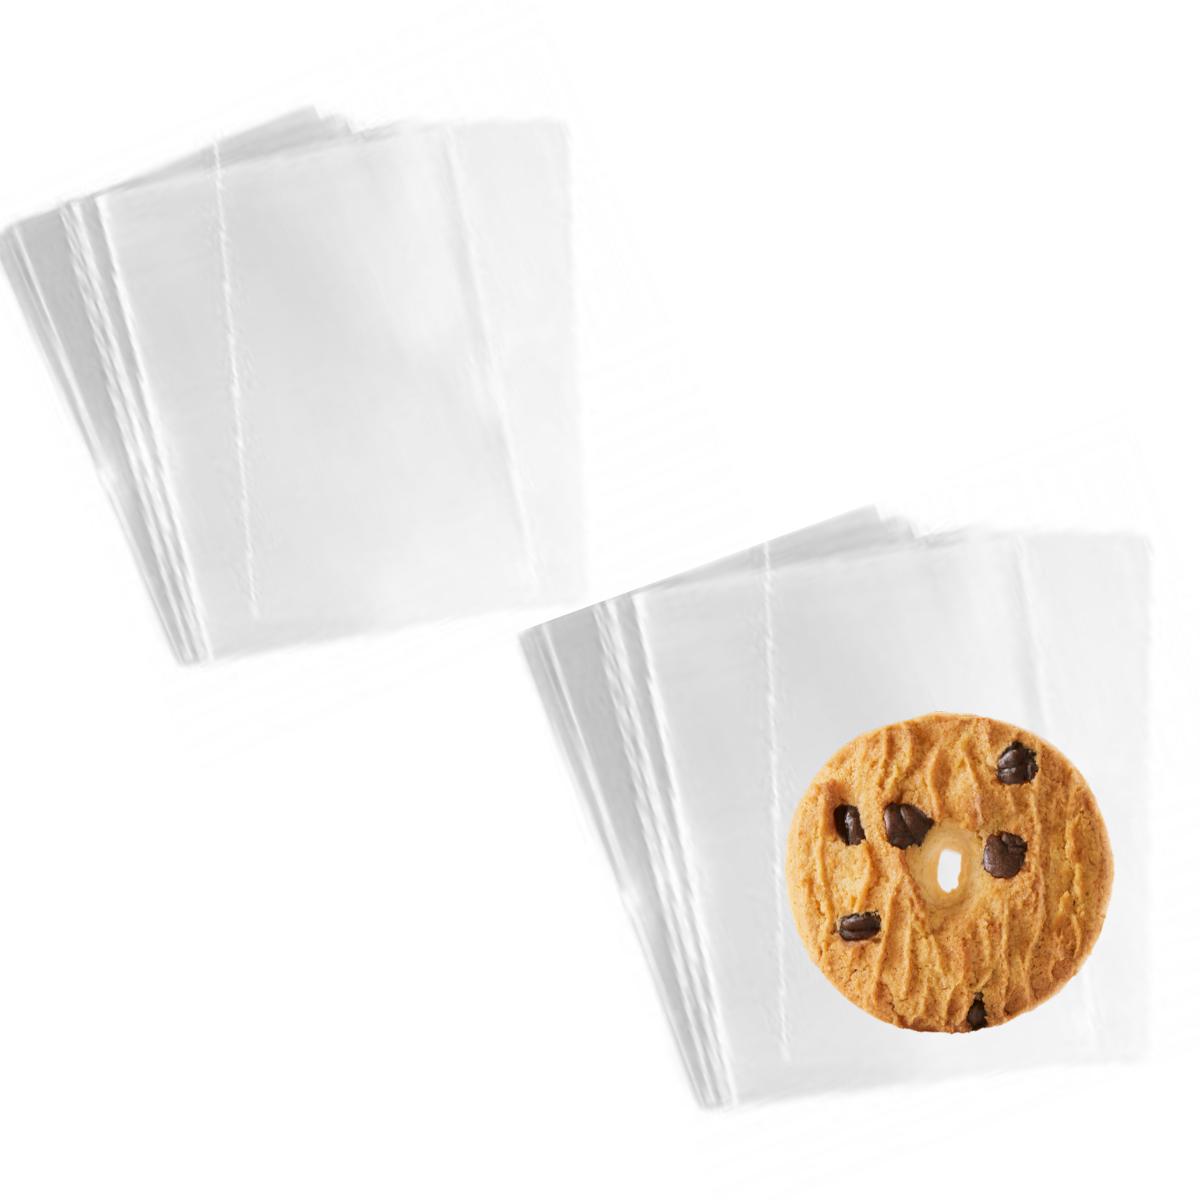 sacchetto trasparente per biscotti gruppo